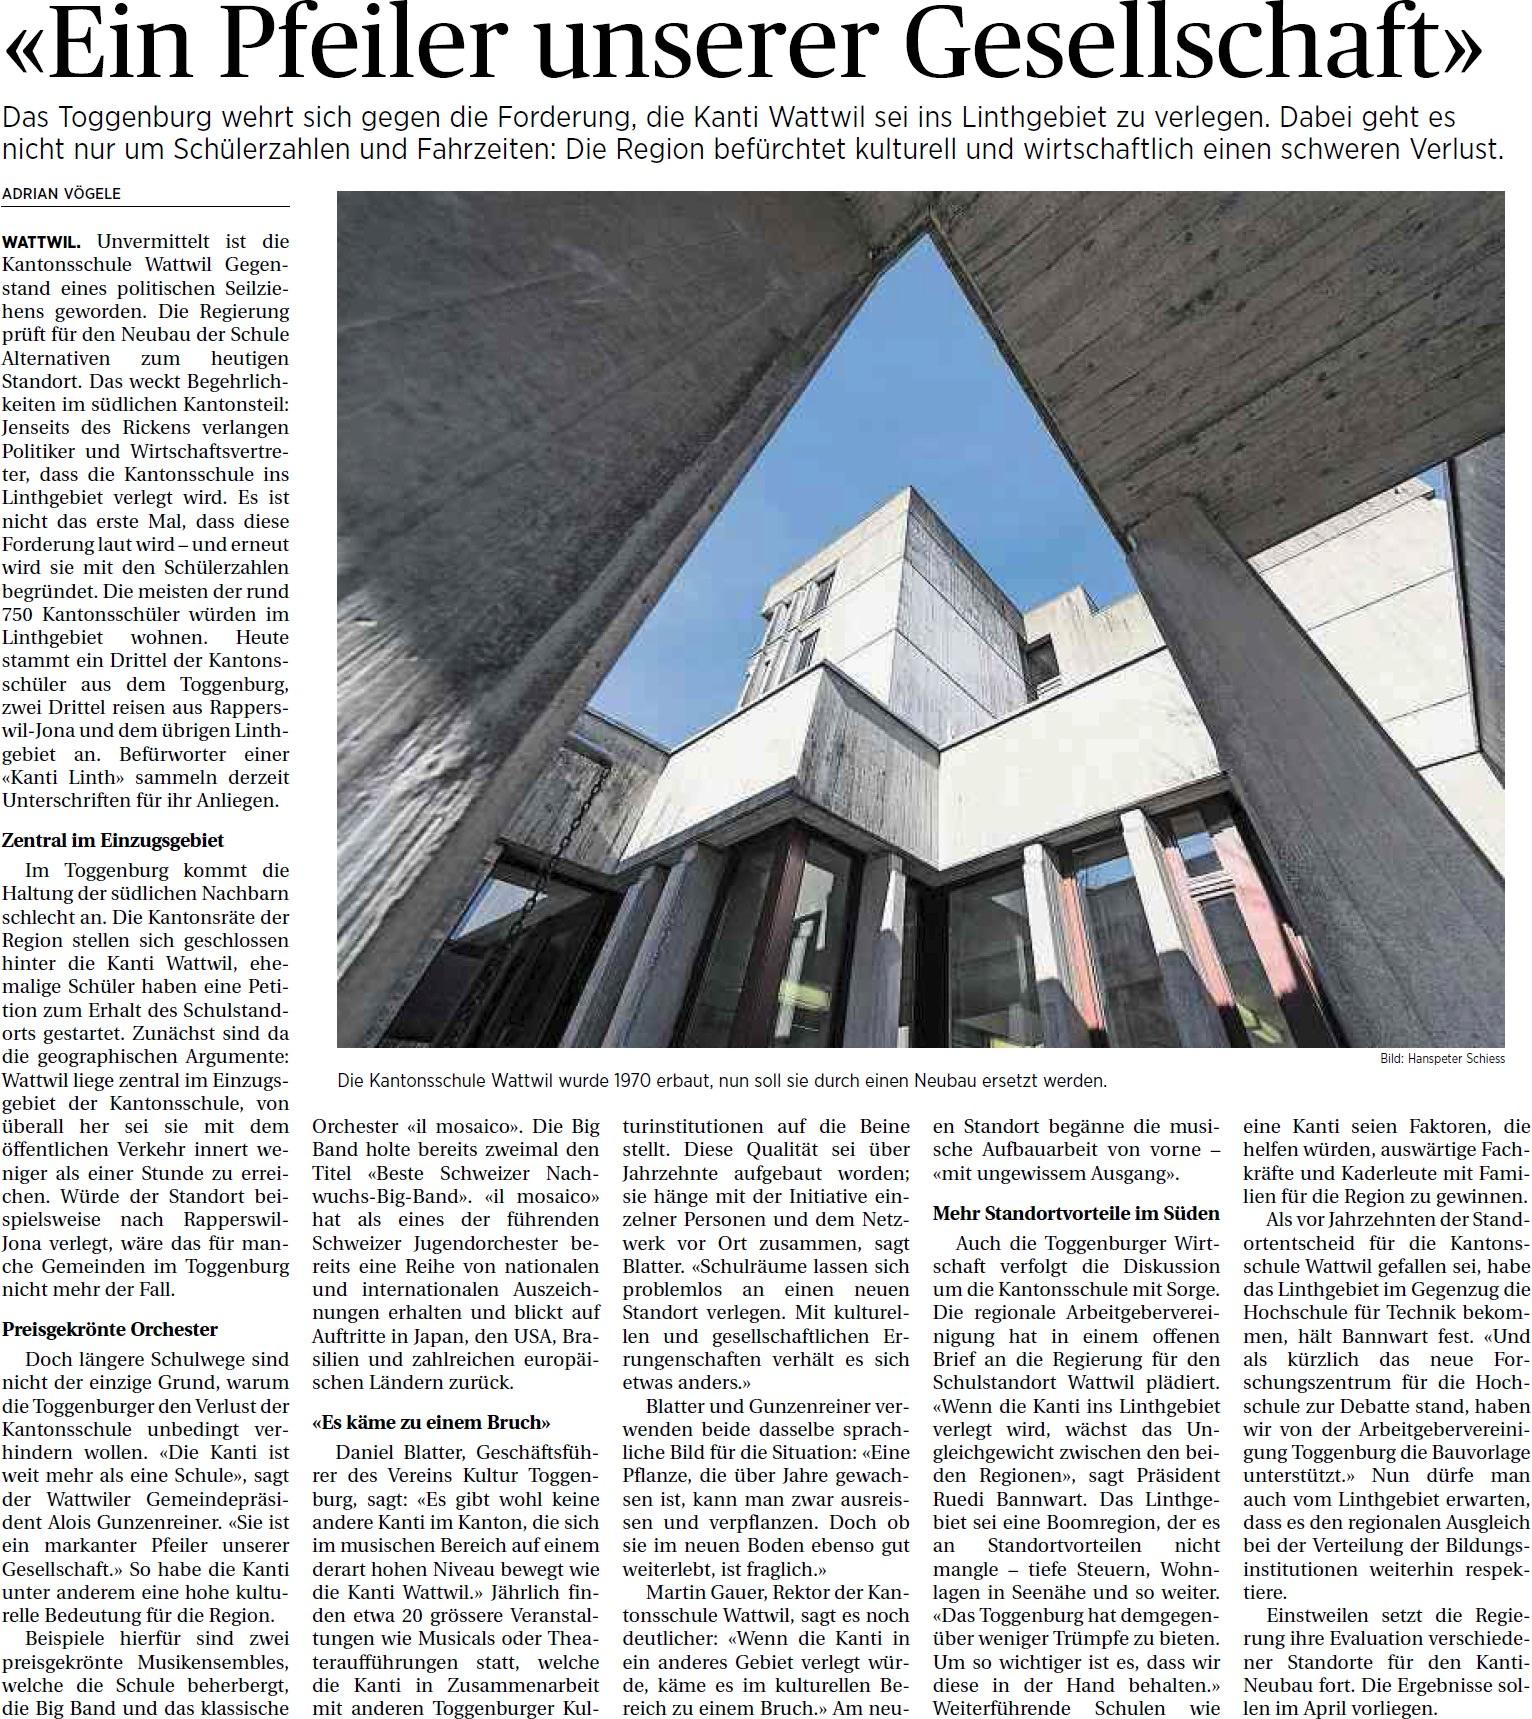 «Ein Pfeiler unserer Gesellschaft» (Freitag, 07.03.2014)